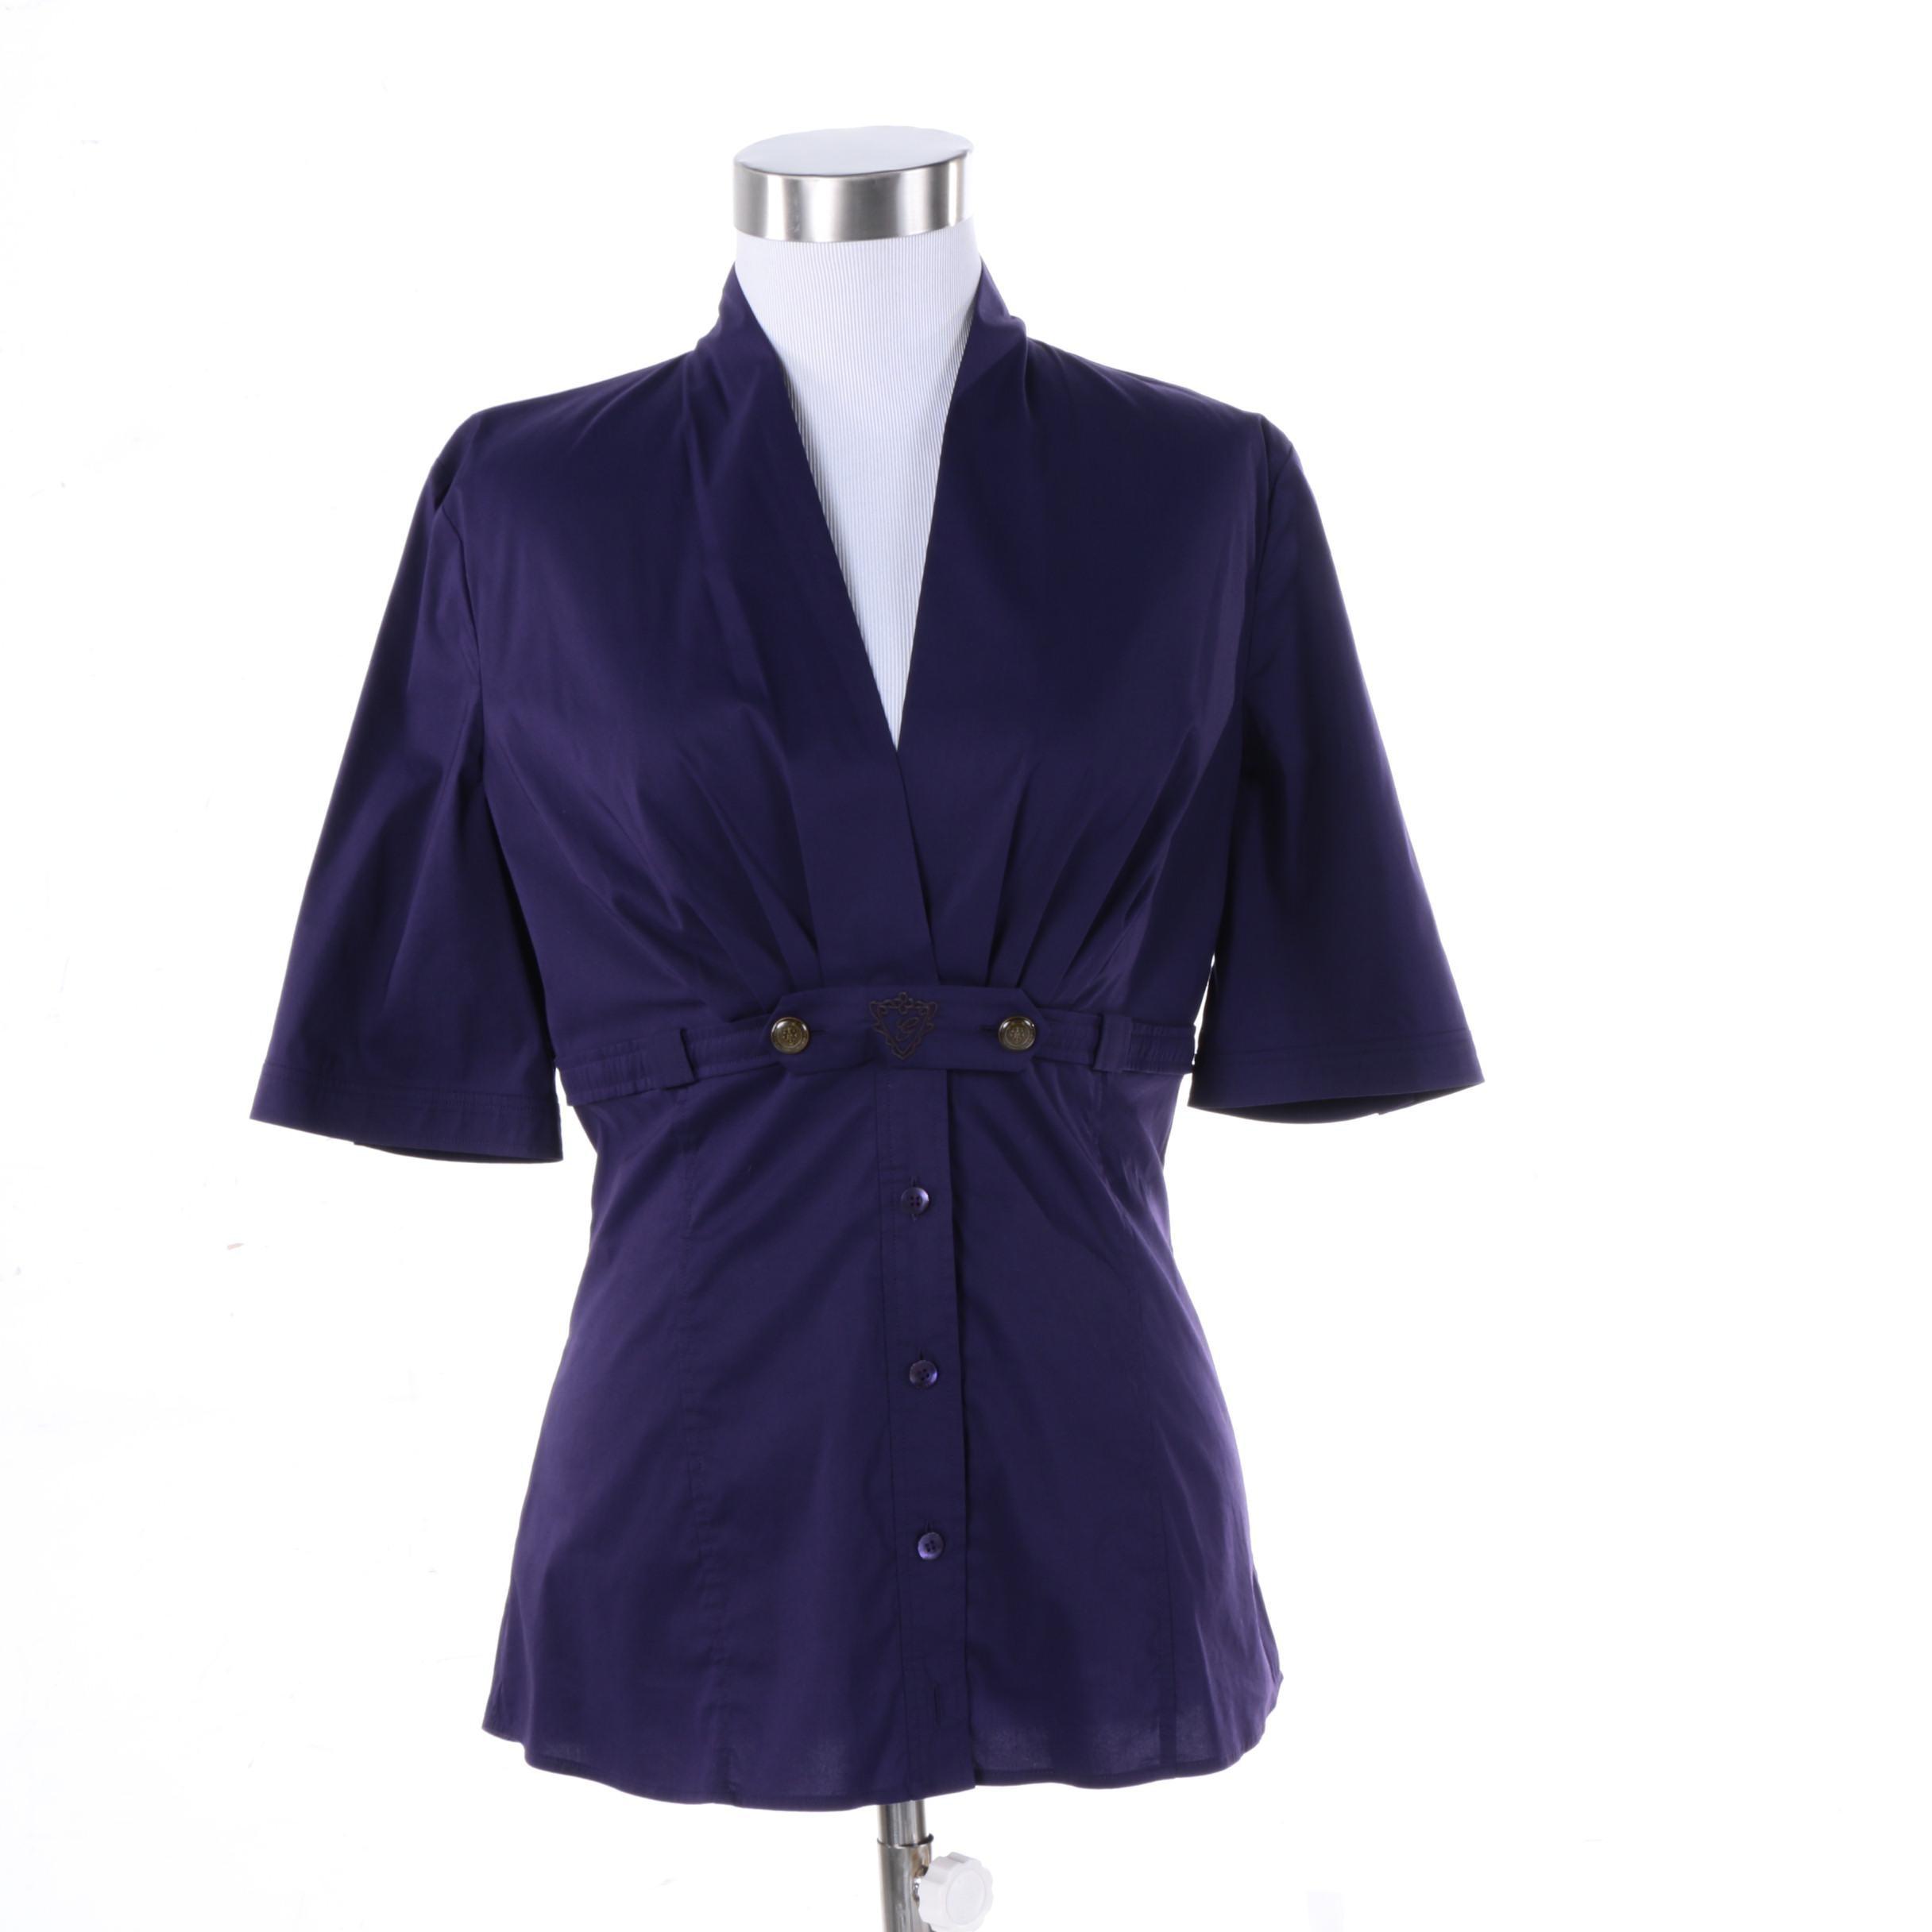 Gucci Byzantium Purple Blouse